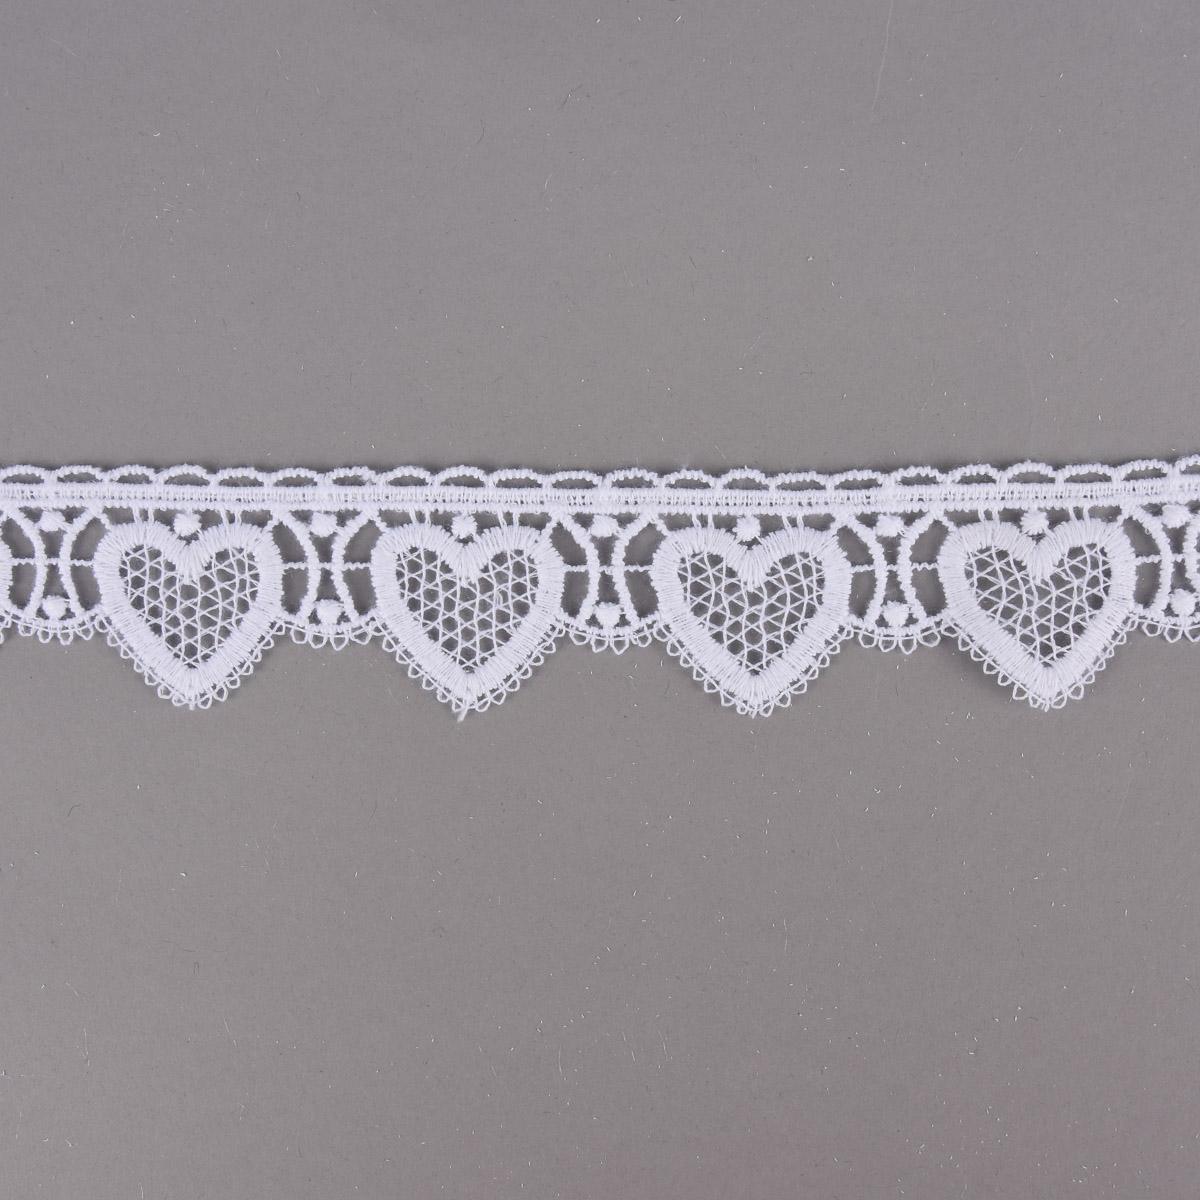 Herzchen-Borte Spitzenborte Häkelborte weiß Herz Meterware ca. 4,5cm breit